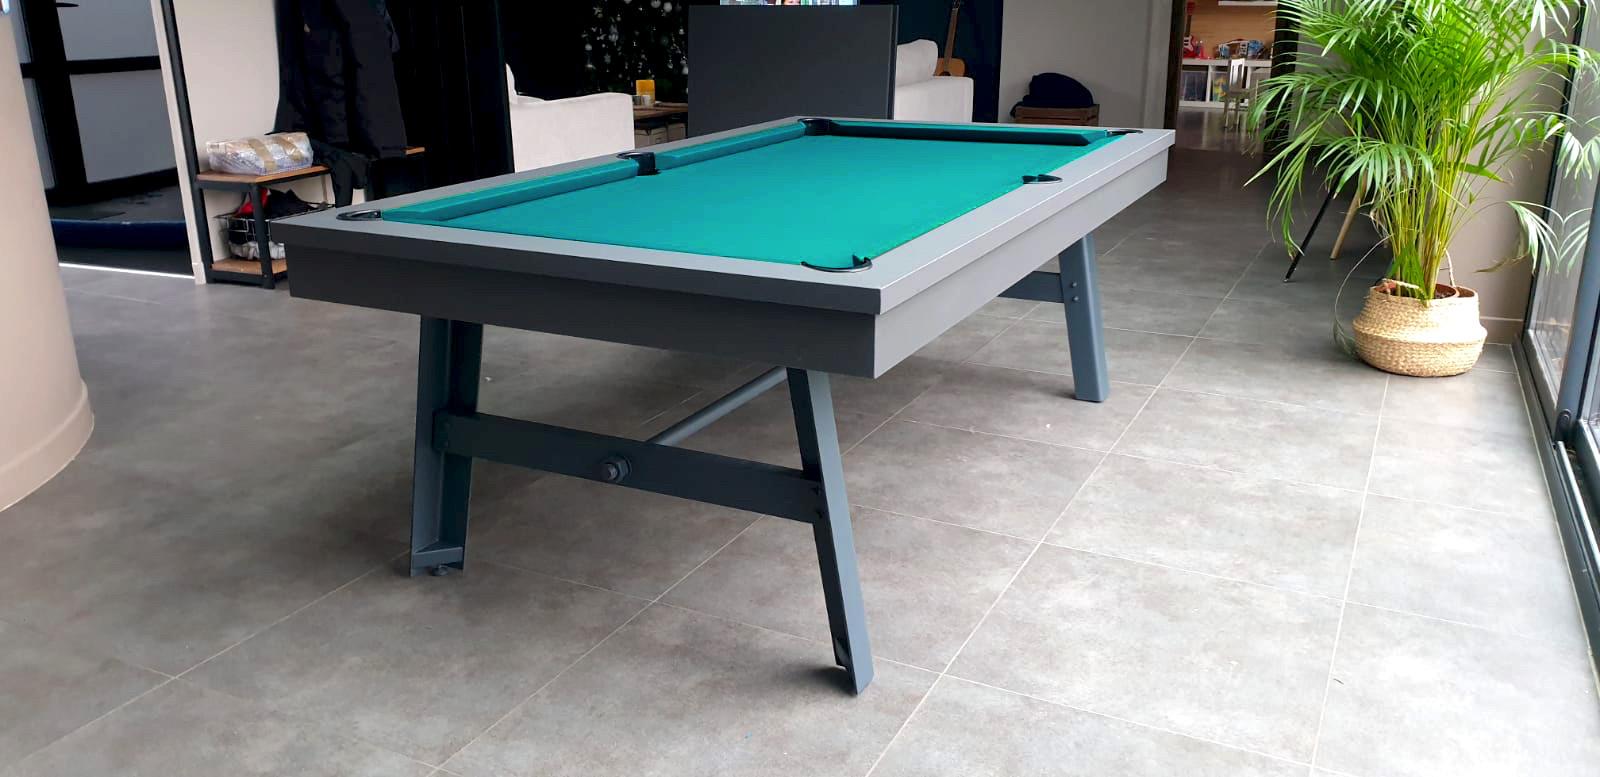 Billard VINTAGE finition gris graphite et pied acier gris anthracite avec tapis de jeu vert-bleu